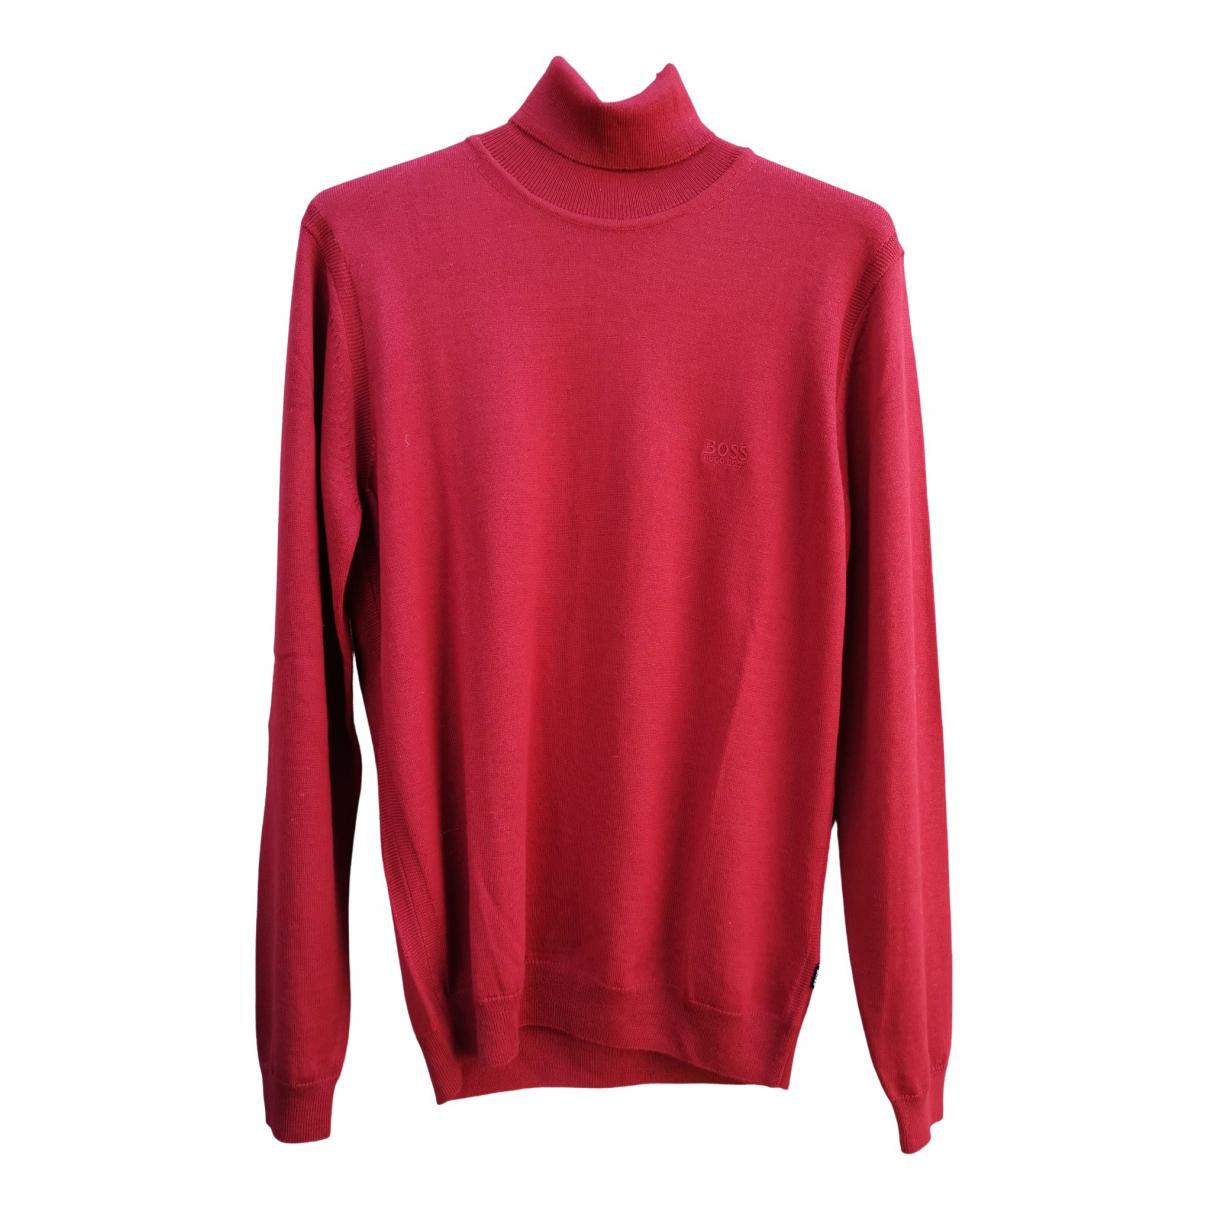 Hugo Boss N Red Wool Knitwear & Sweatshirts for Men L International